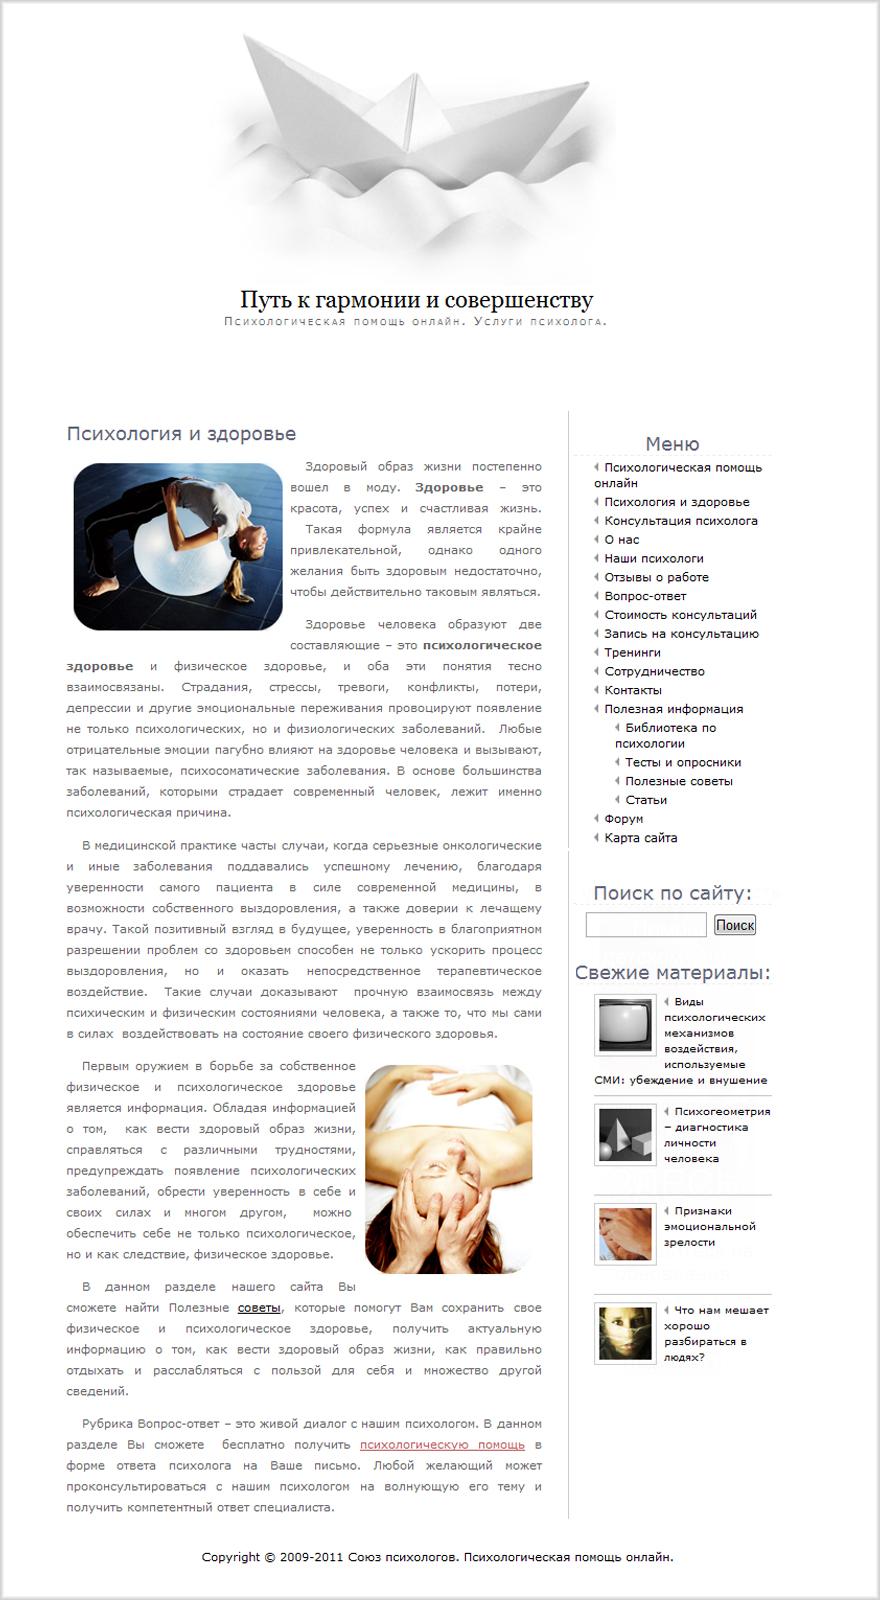 forum-konsultatsiya-psihologa-porno